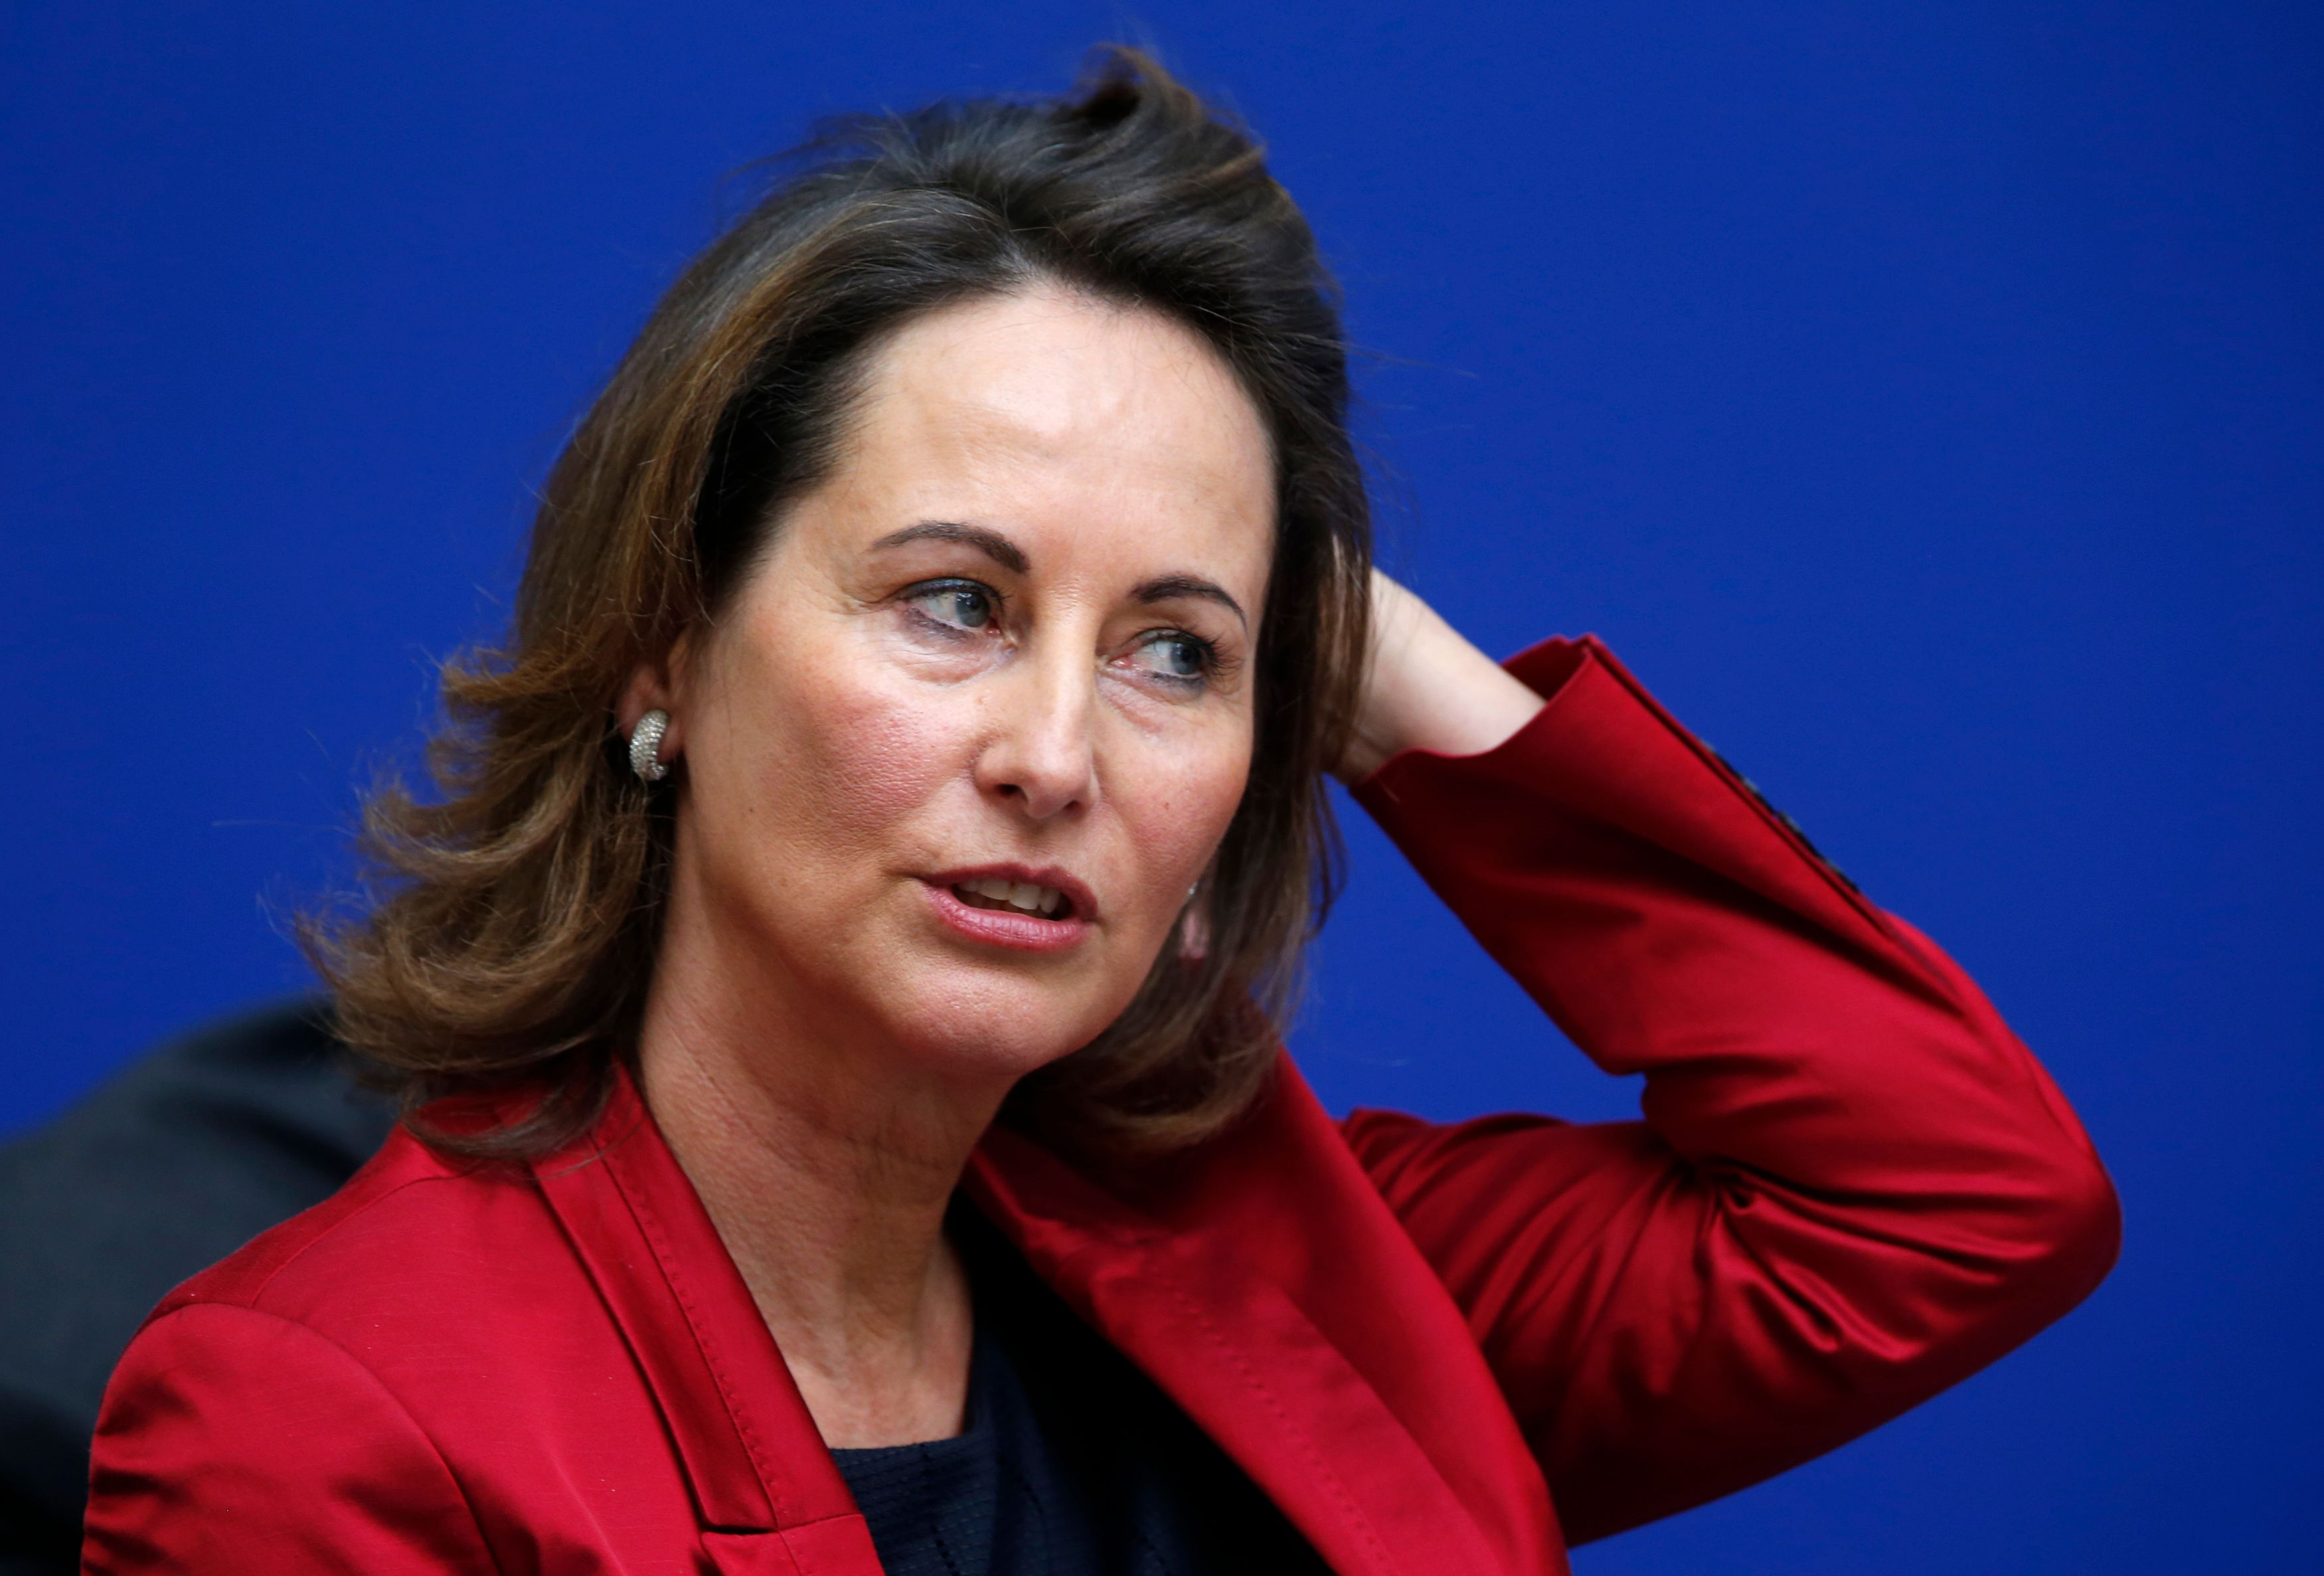 Selon un sondage Harris Interactive pour Grazia, 63% des Français interrogés ne veulent pas que Ségolène Royal intègre le gouvernement.